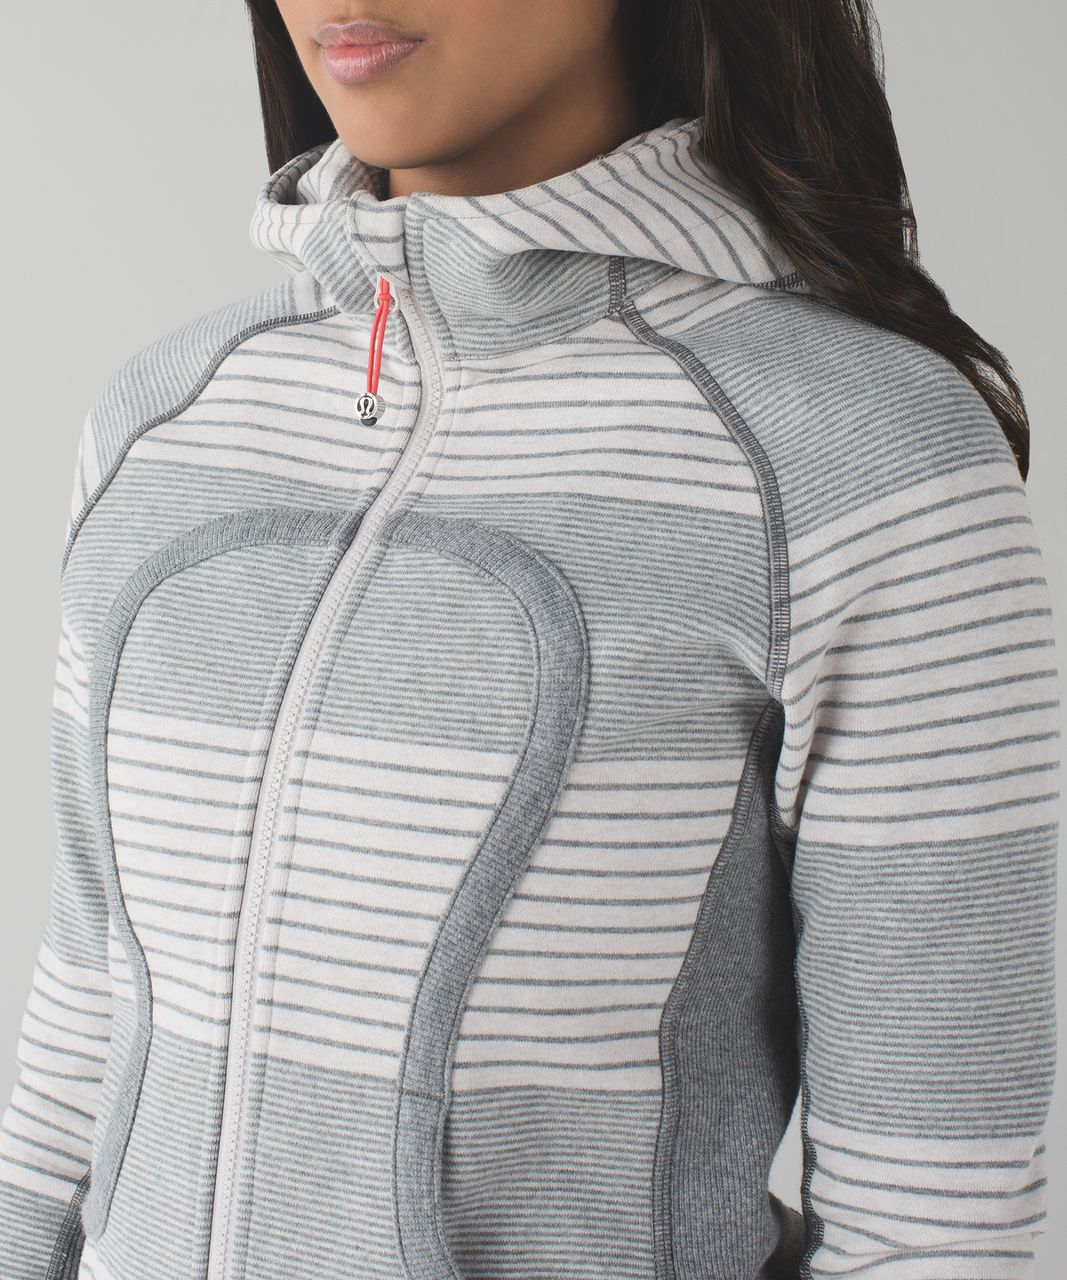 Lululemon Scuba Hoodie II - Double Vision Stripe Heathered Medium Grey Heathered Dune / Slate